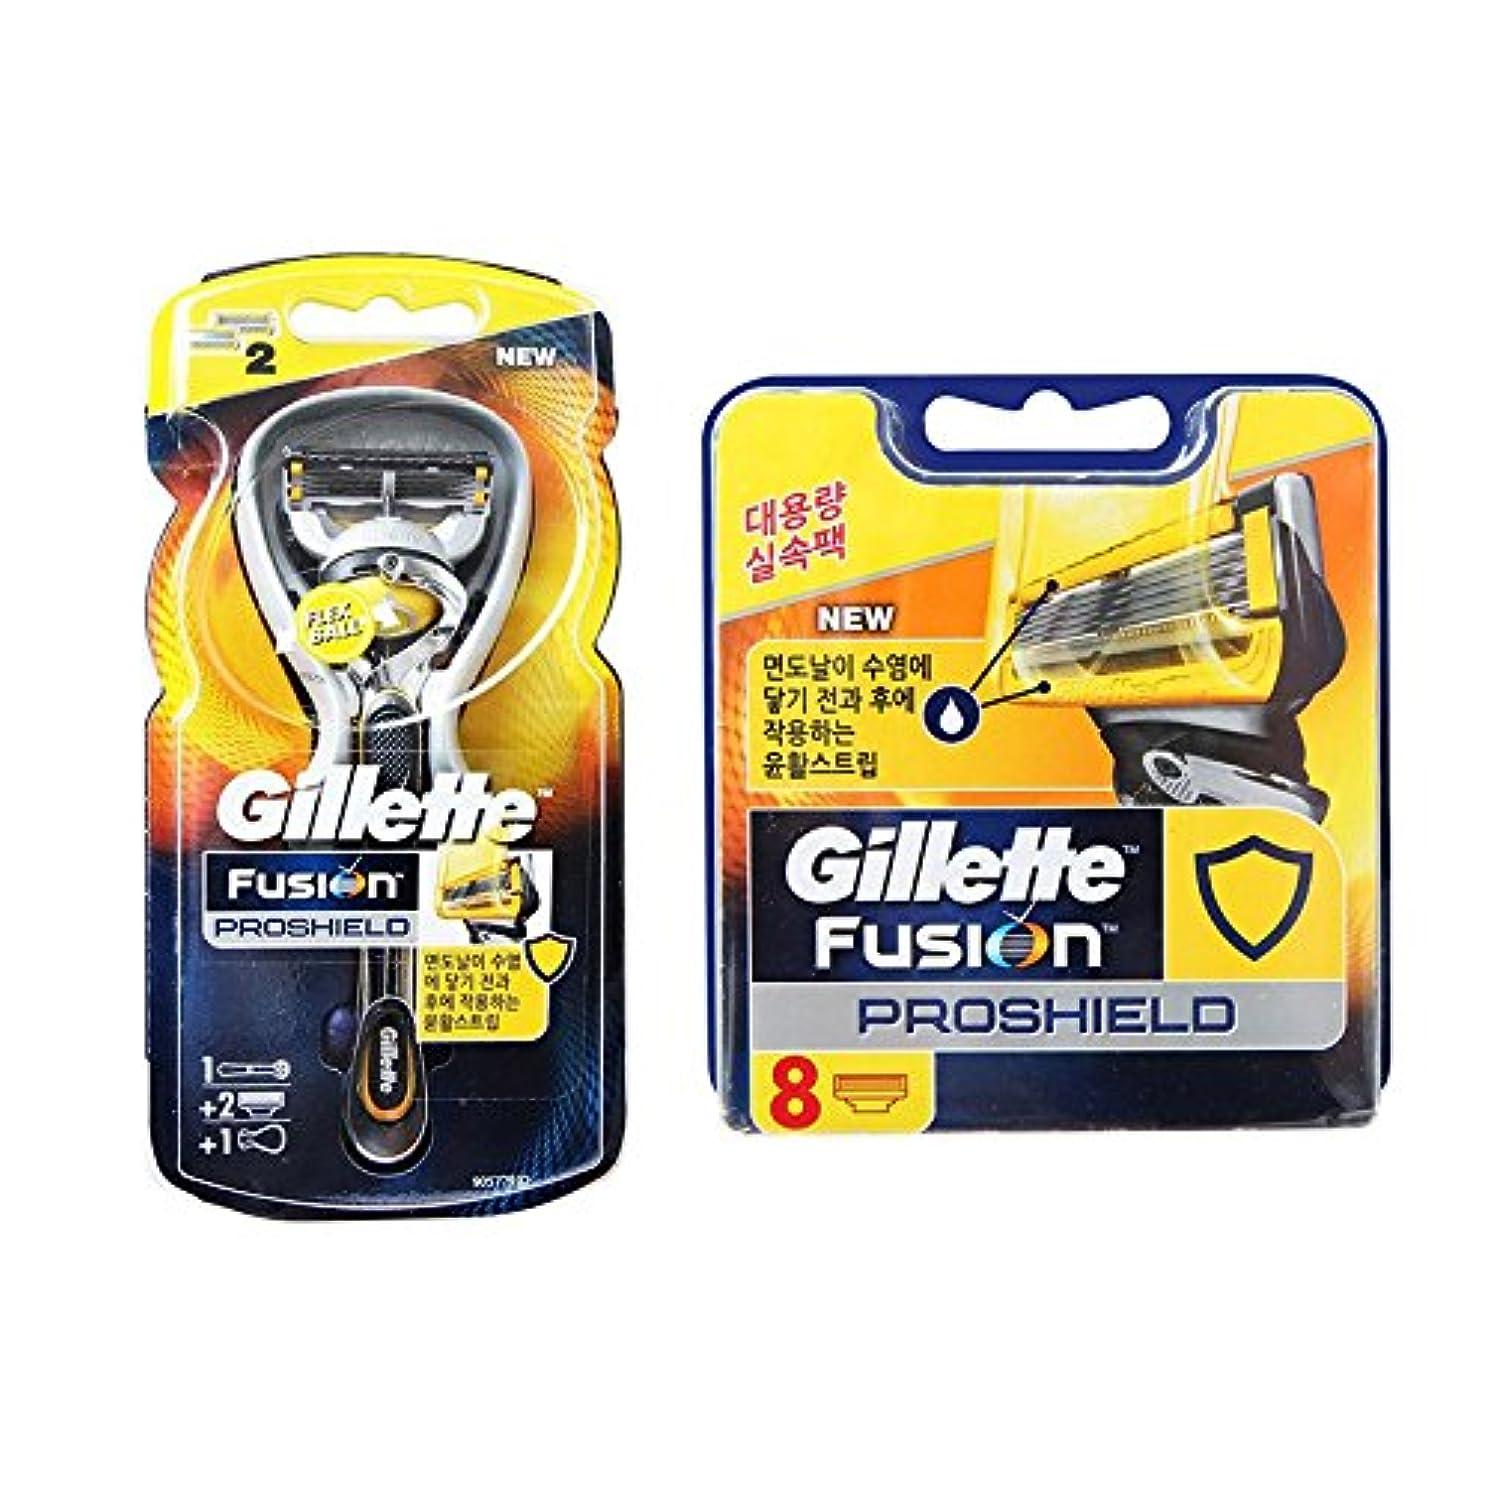 と遊ぶオーストラリア人制裁Gillette Fusion Proshield Yellow 1本の剃刀と10本の剃刀刃 [並行輸入品]